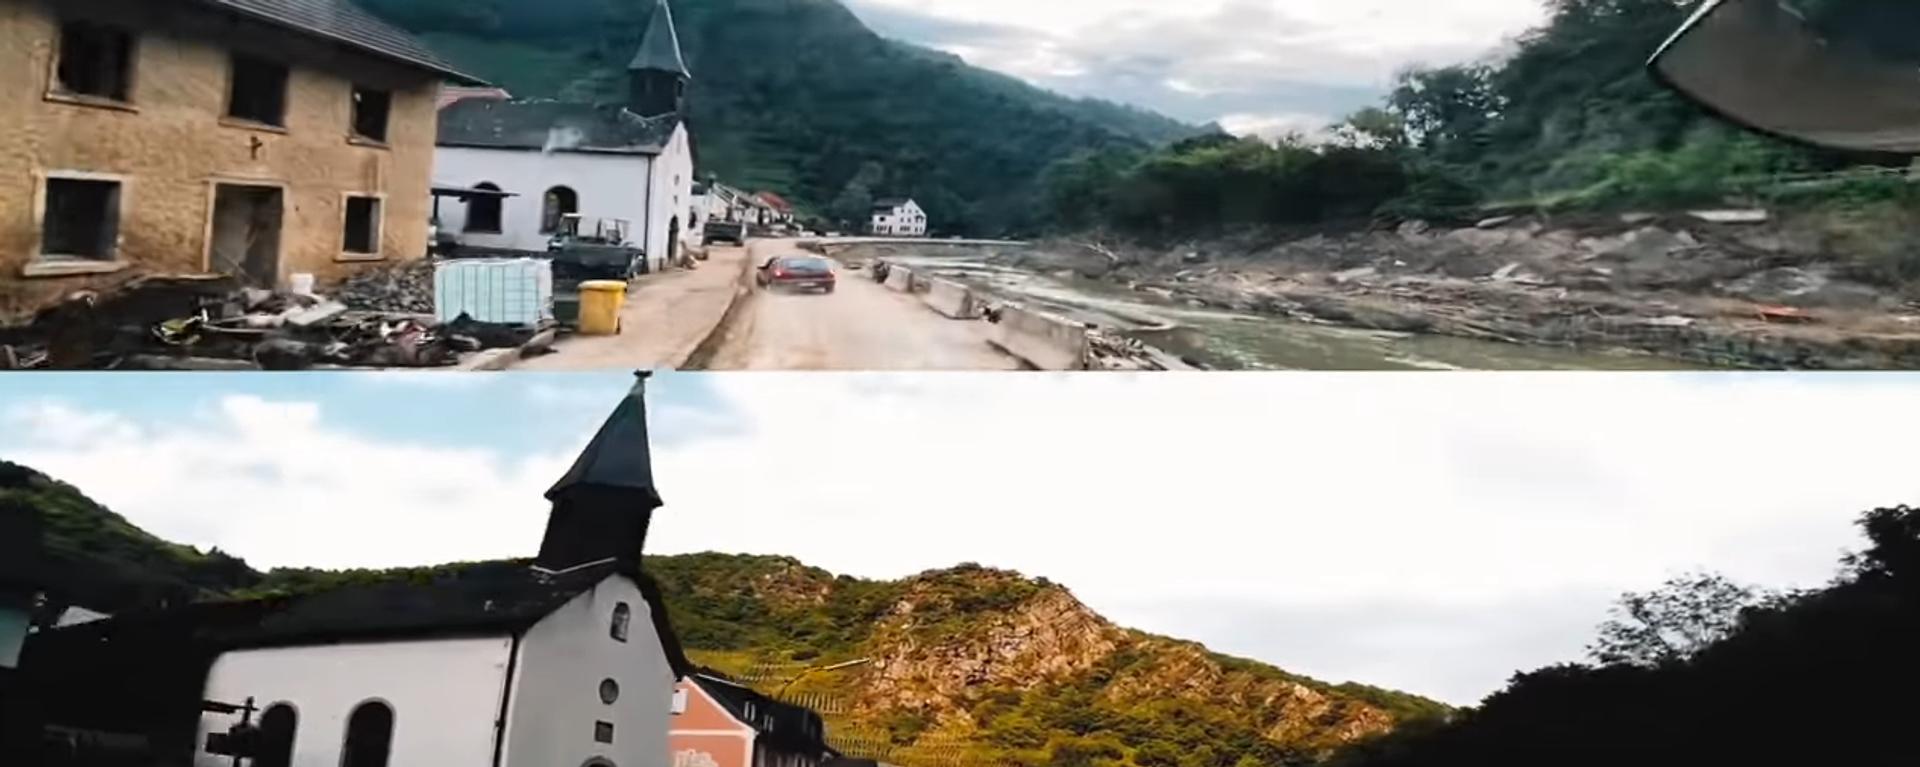 Vor und nach der Flut 2021: Die Ahr-Rotweinstraße von Altenahr nach Dernau - SNA, 1920, 11.08.2021